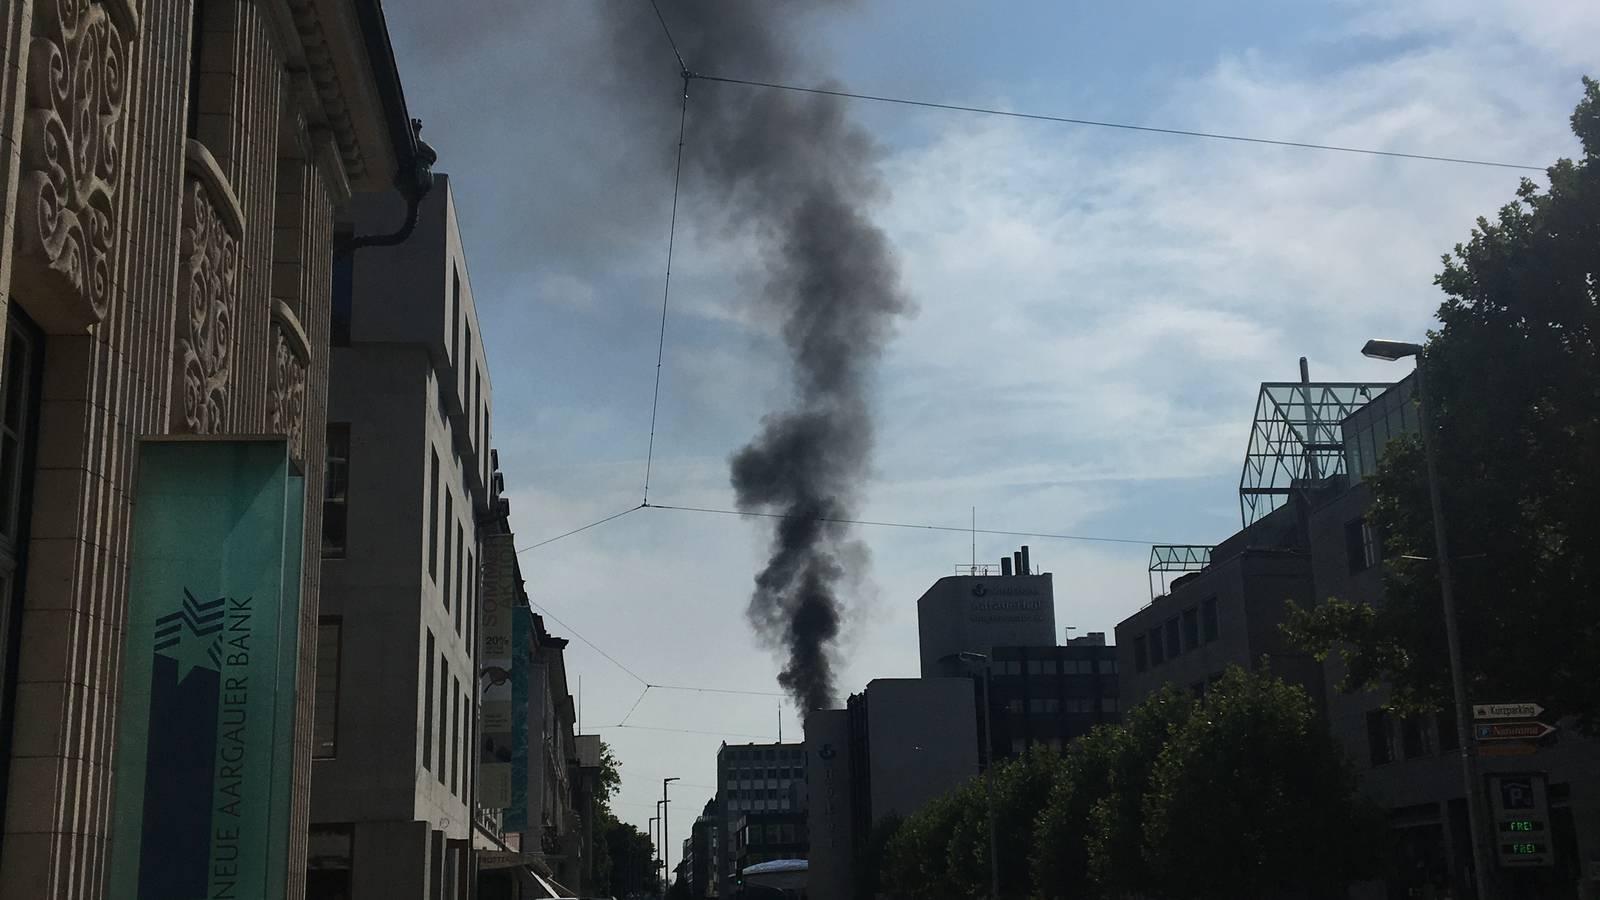 Die Rauchsäule ist weit über Aarau hinaus sichtbar (© Radio Argovia)